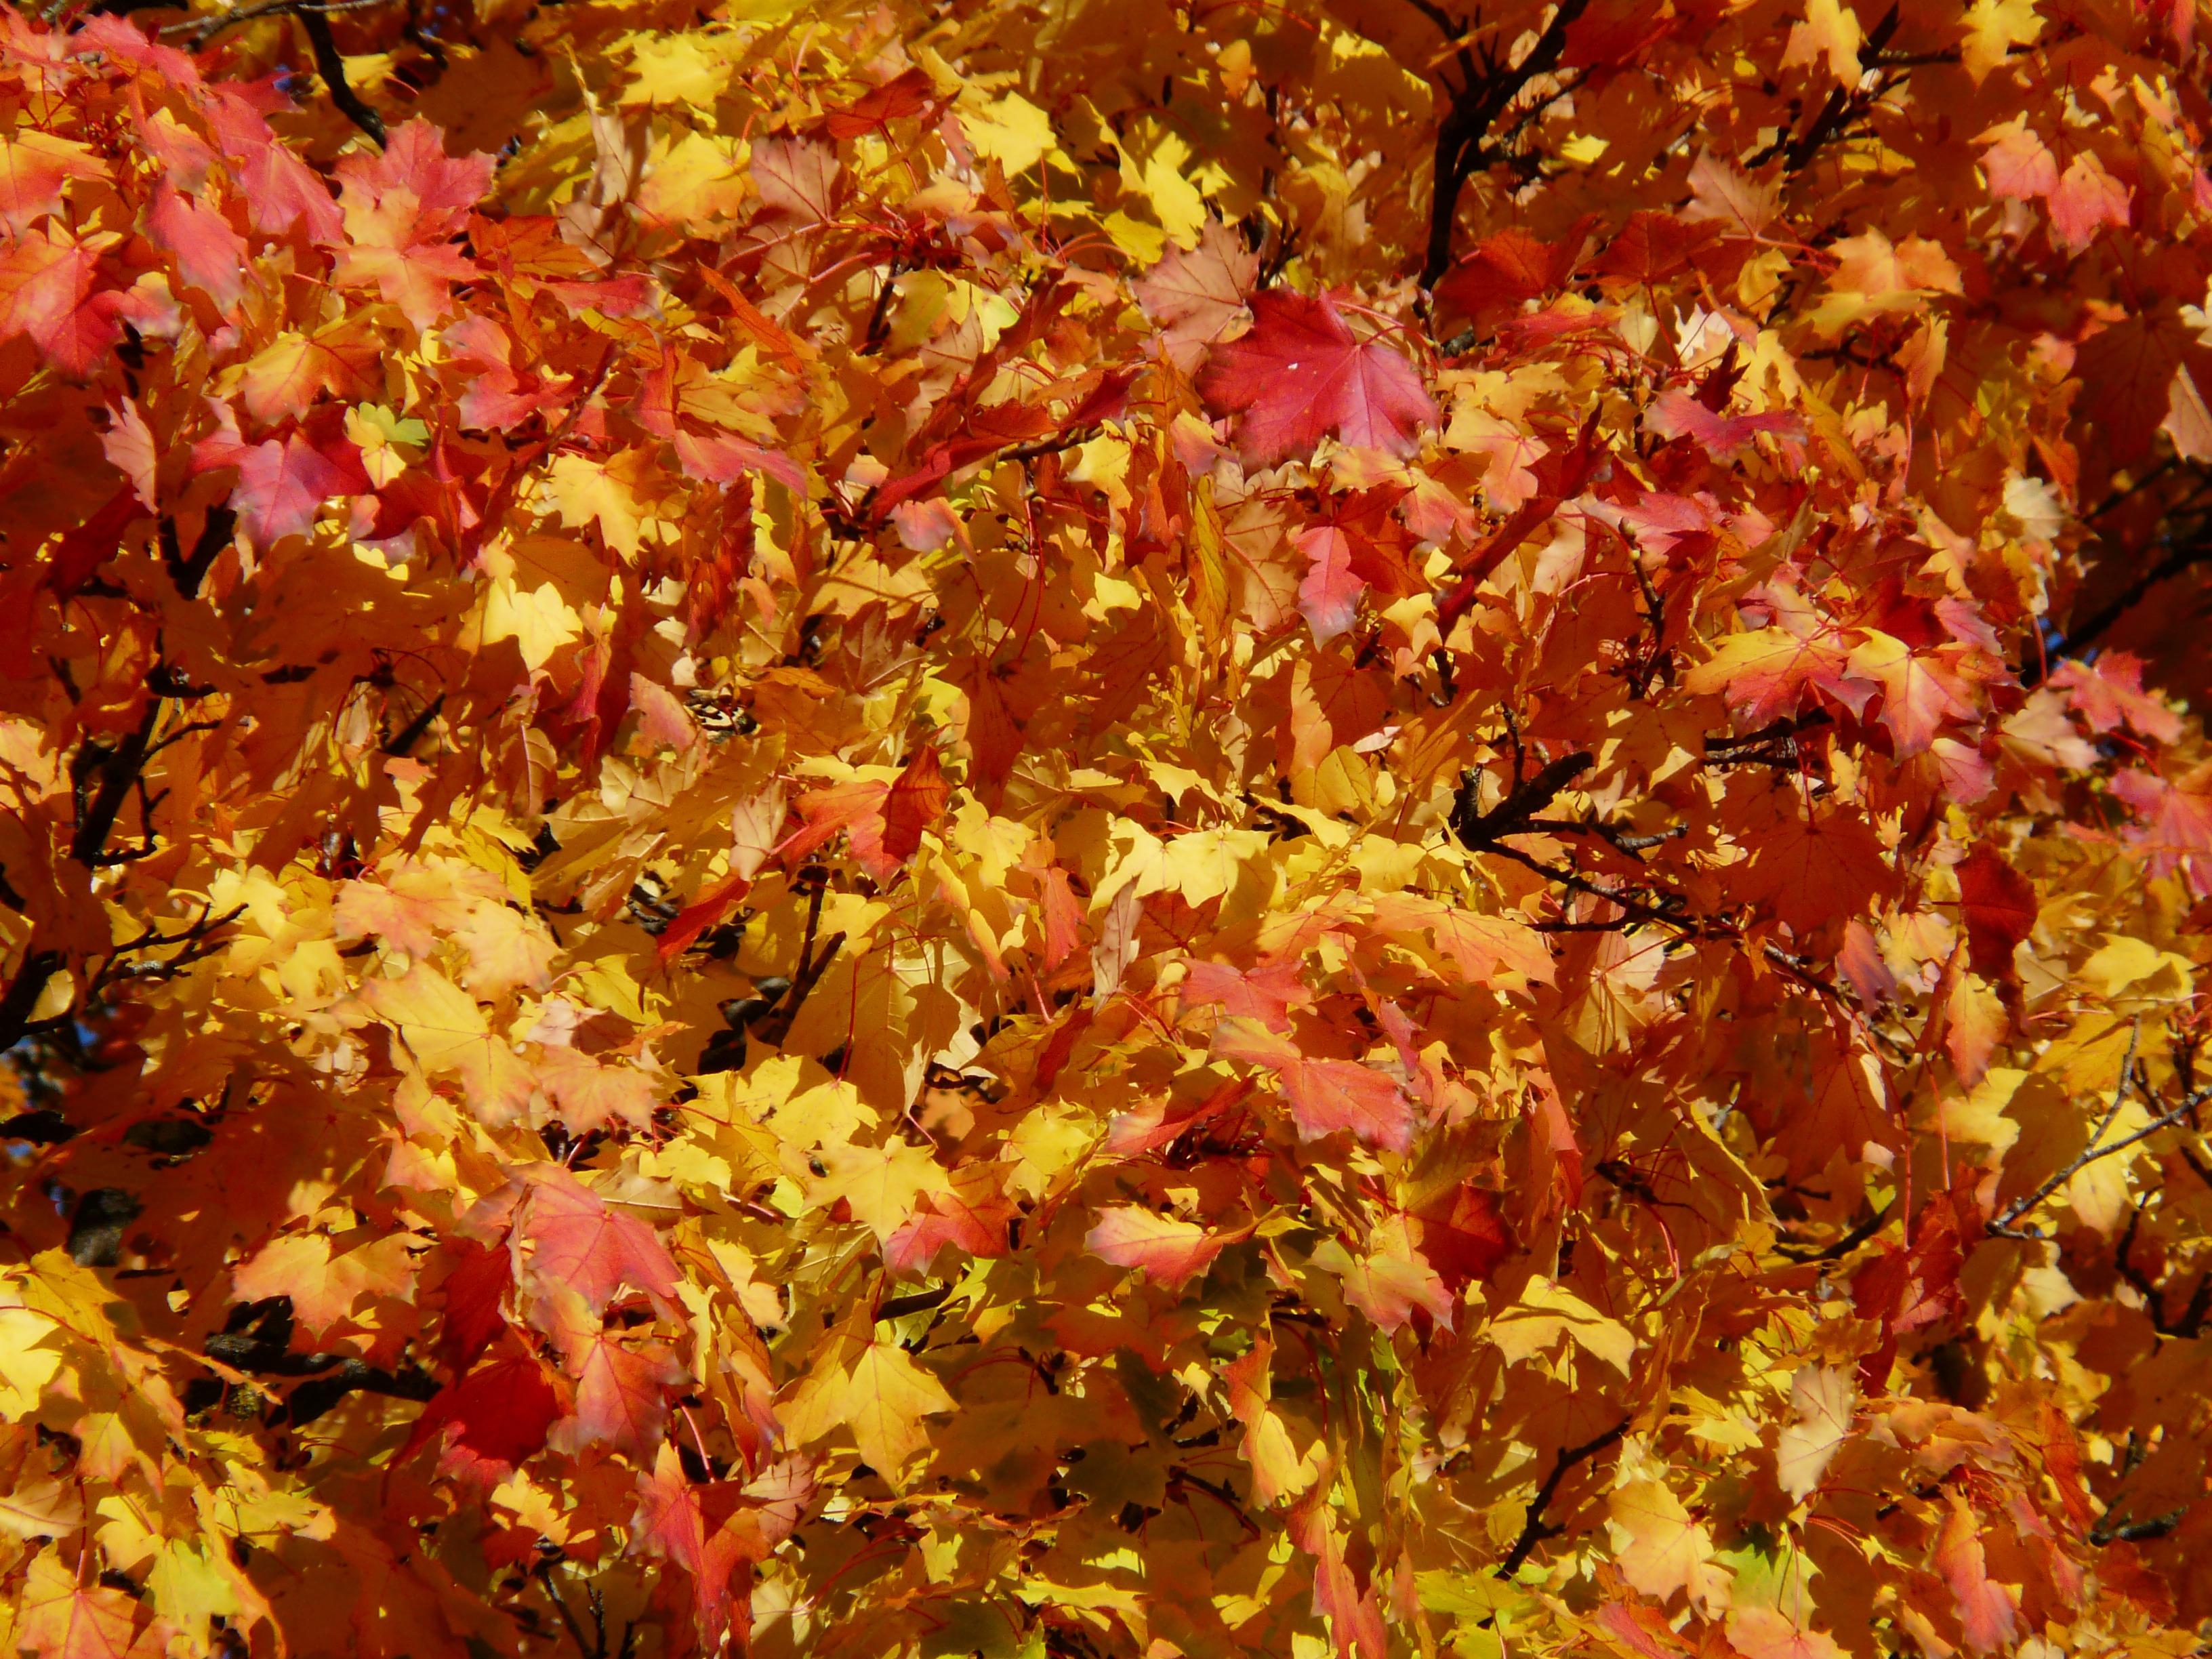 Fotoğraf Ağaç şube Yaprak çiçek Taçyaprağı Altın Sonbahar